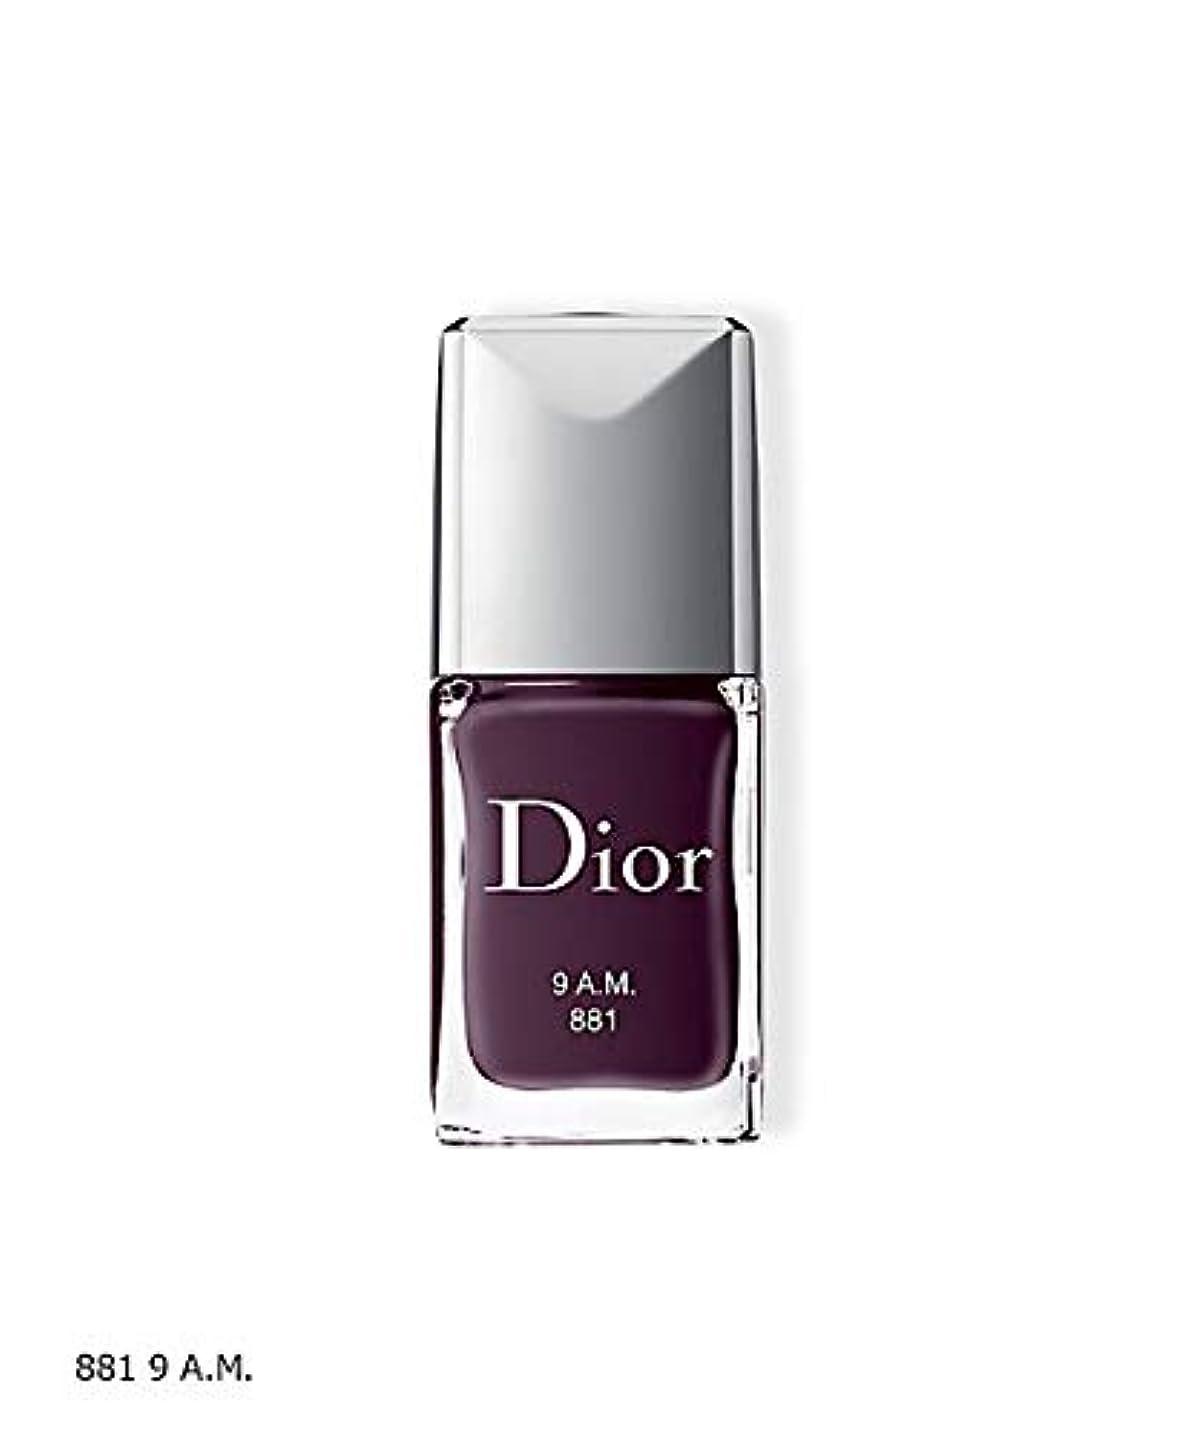 洞察力のあるベリー中断Dior(ディオール)ディオール ヴェルニ(限定品) (881 9 A.M.)